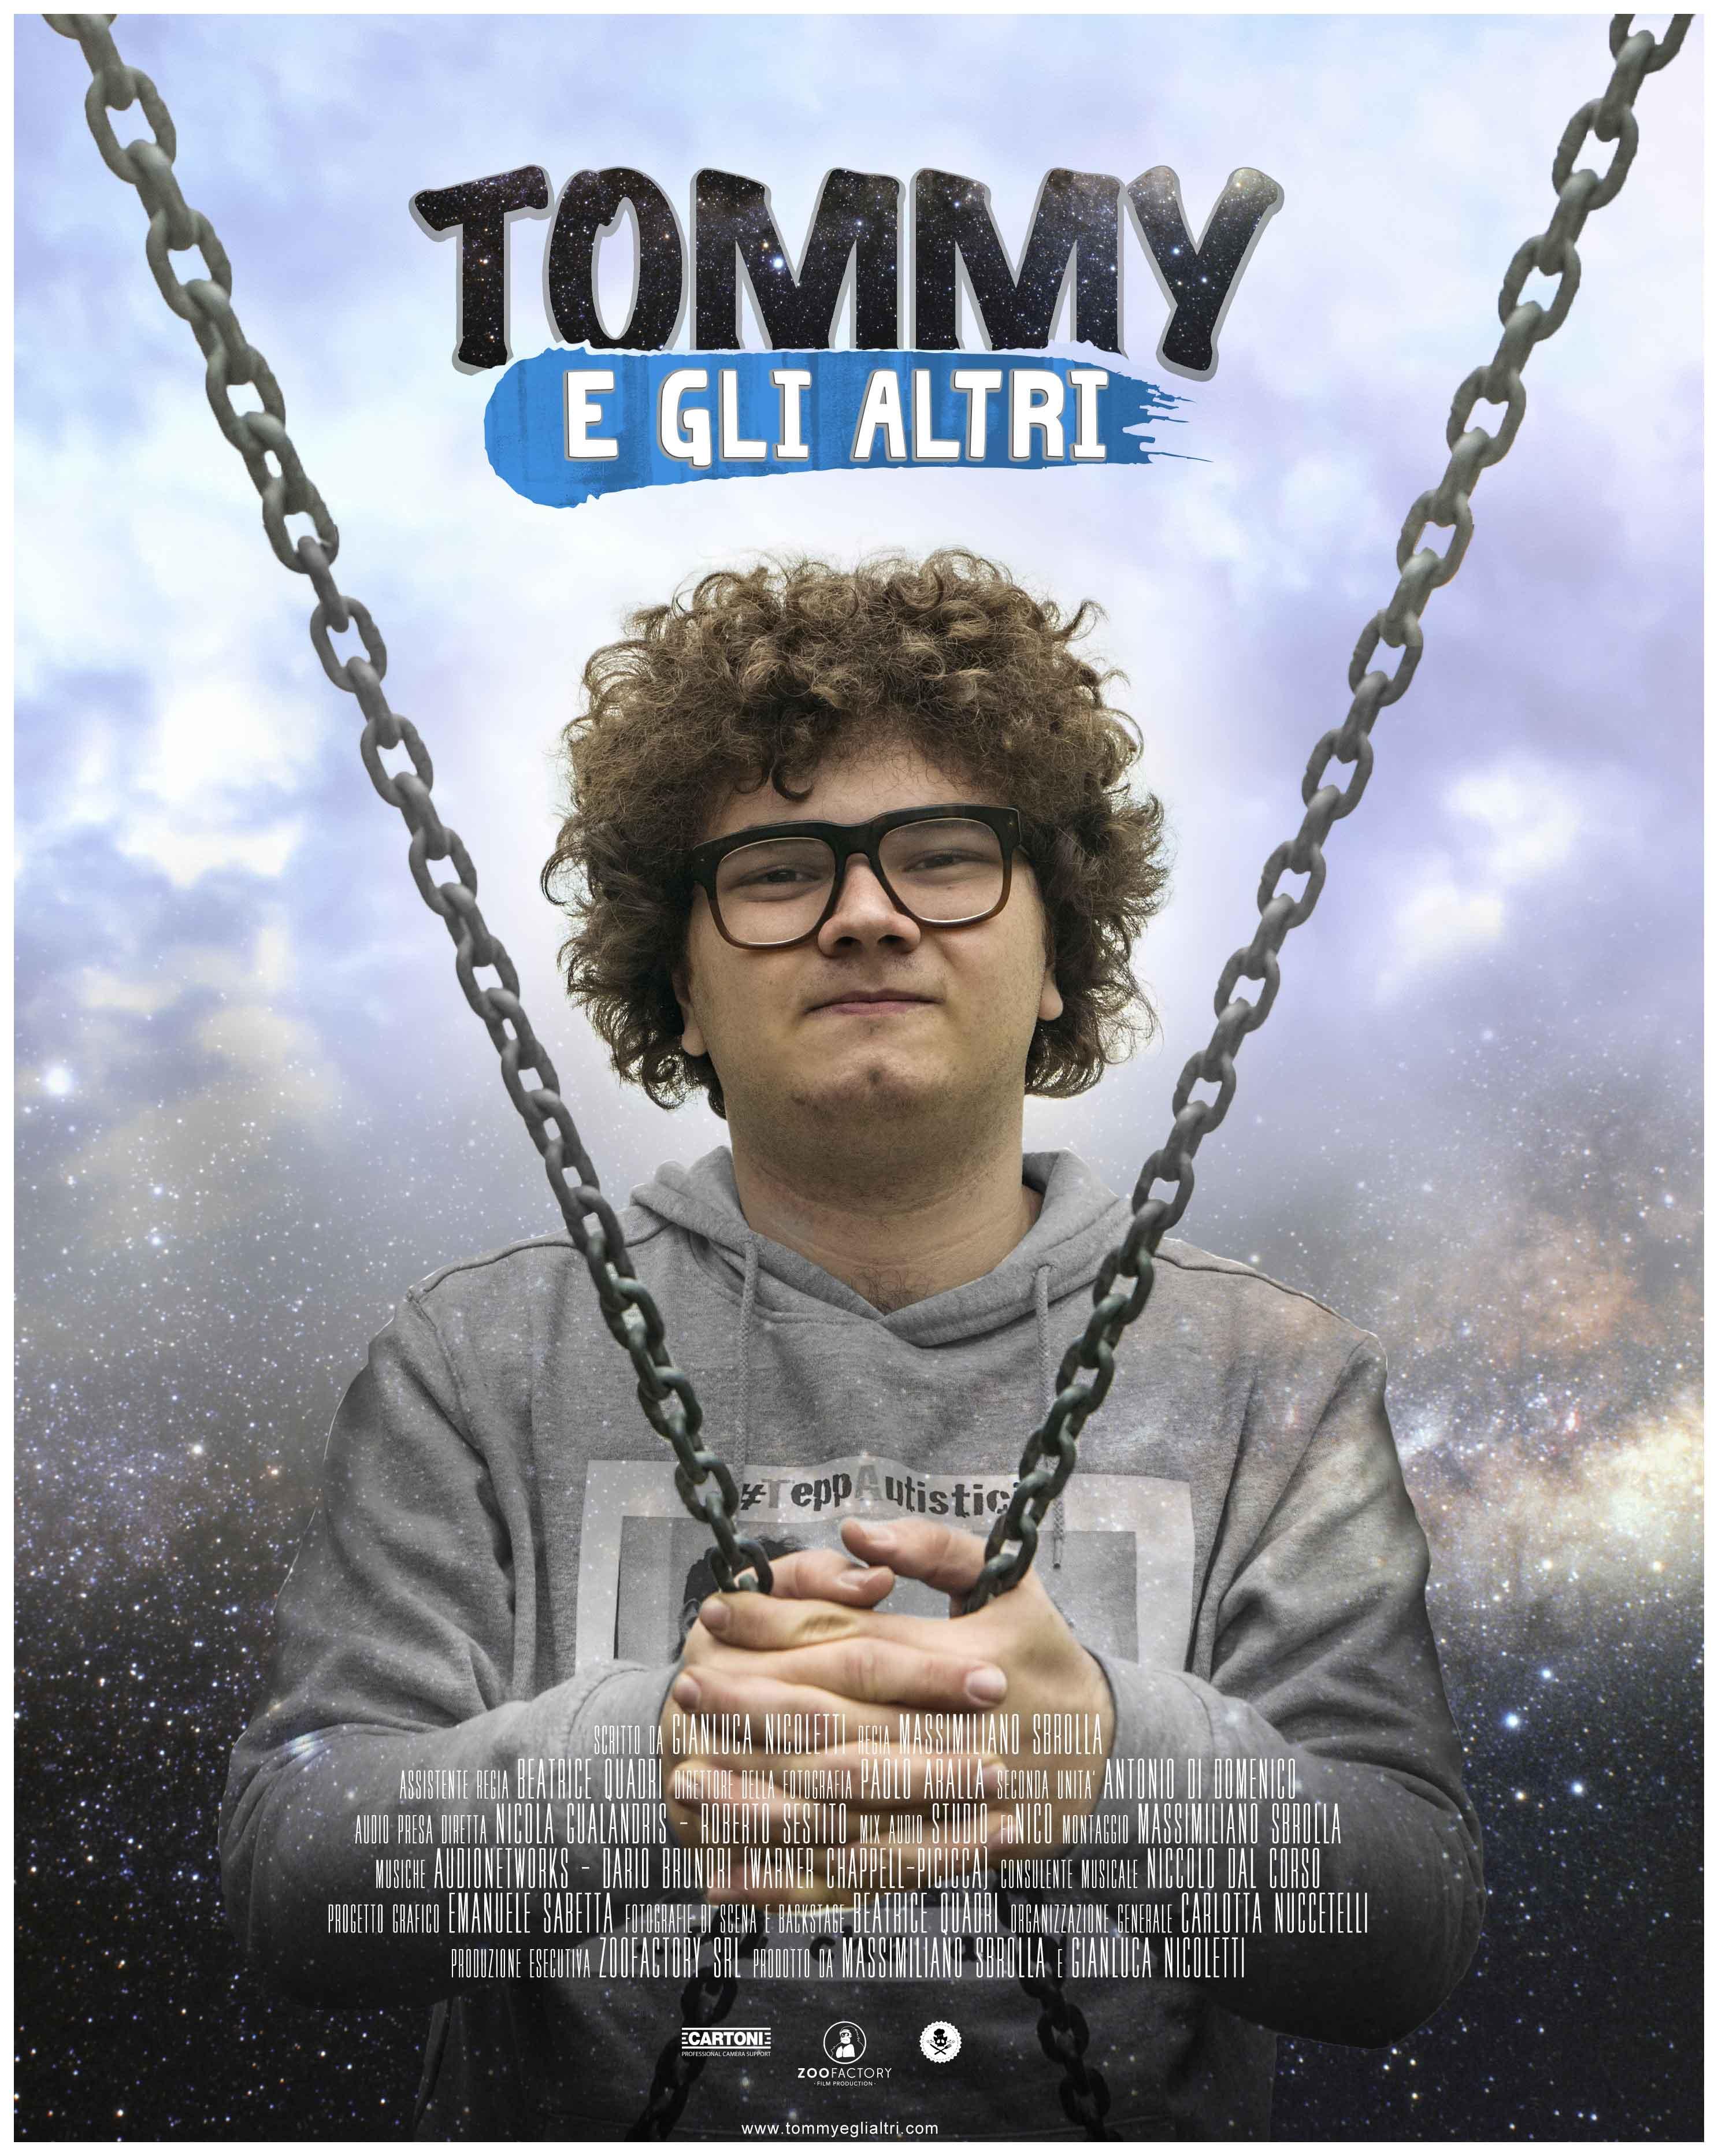 Tommy e gli altri...Ecco in esclusiva la locandina!